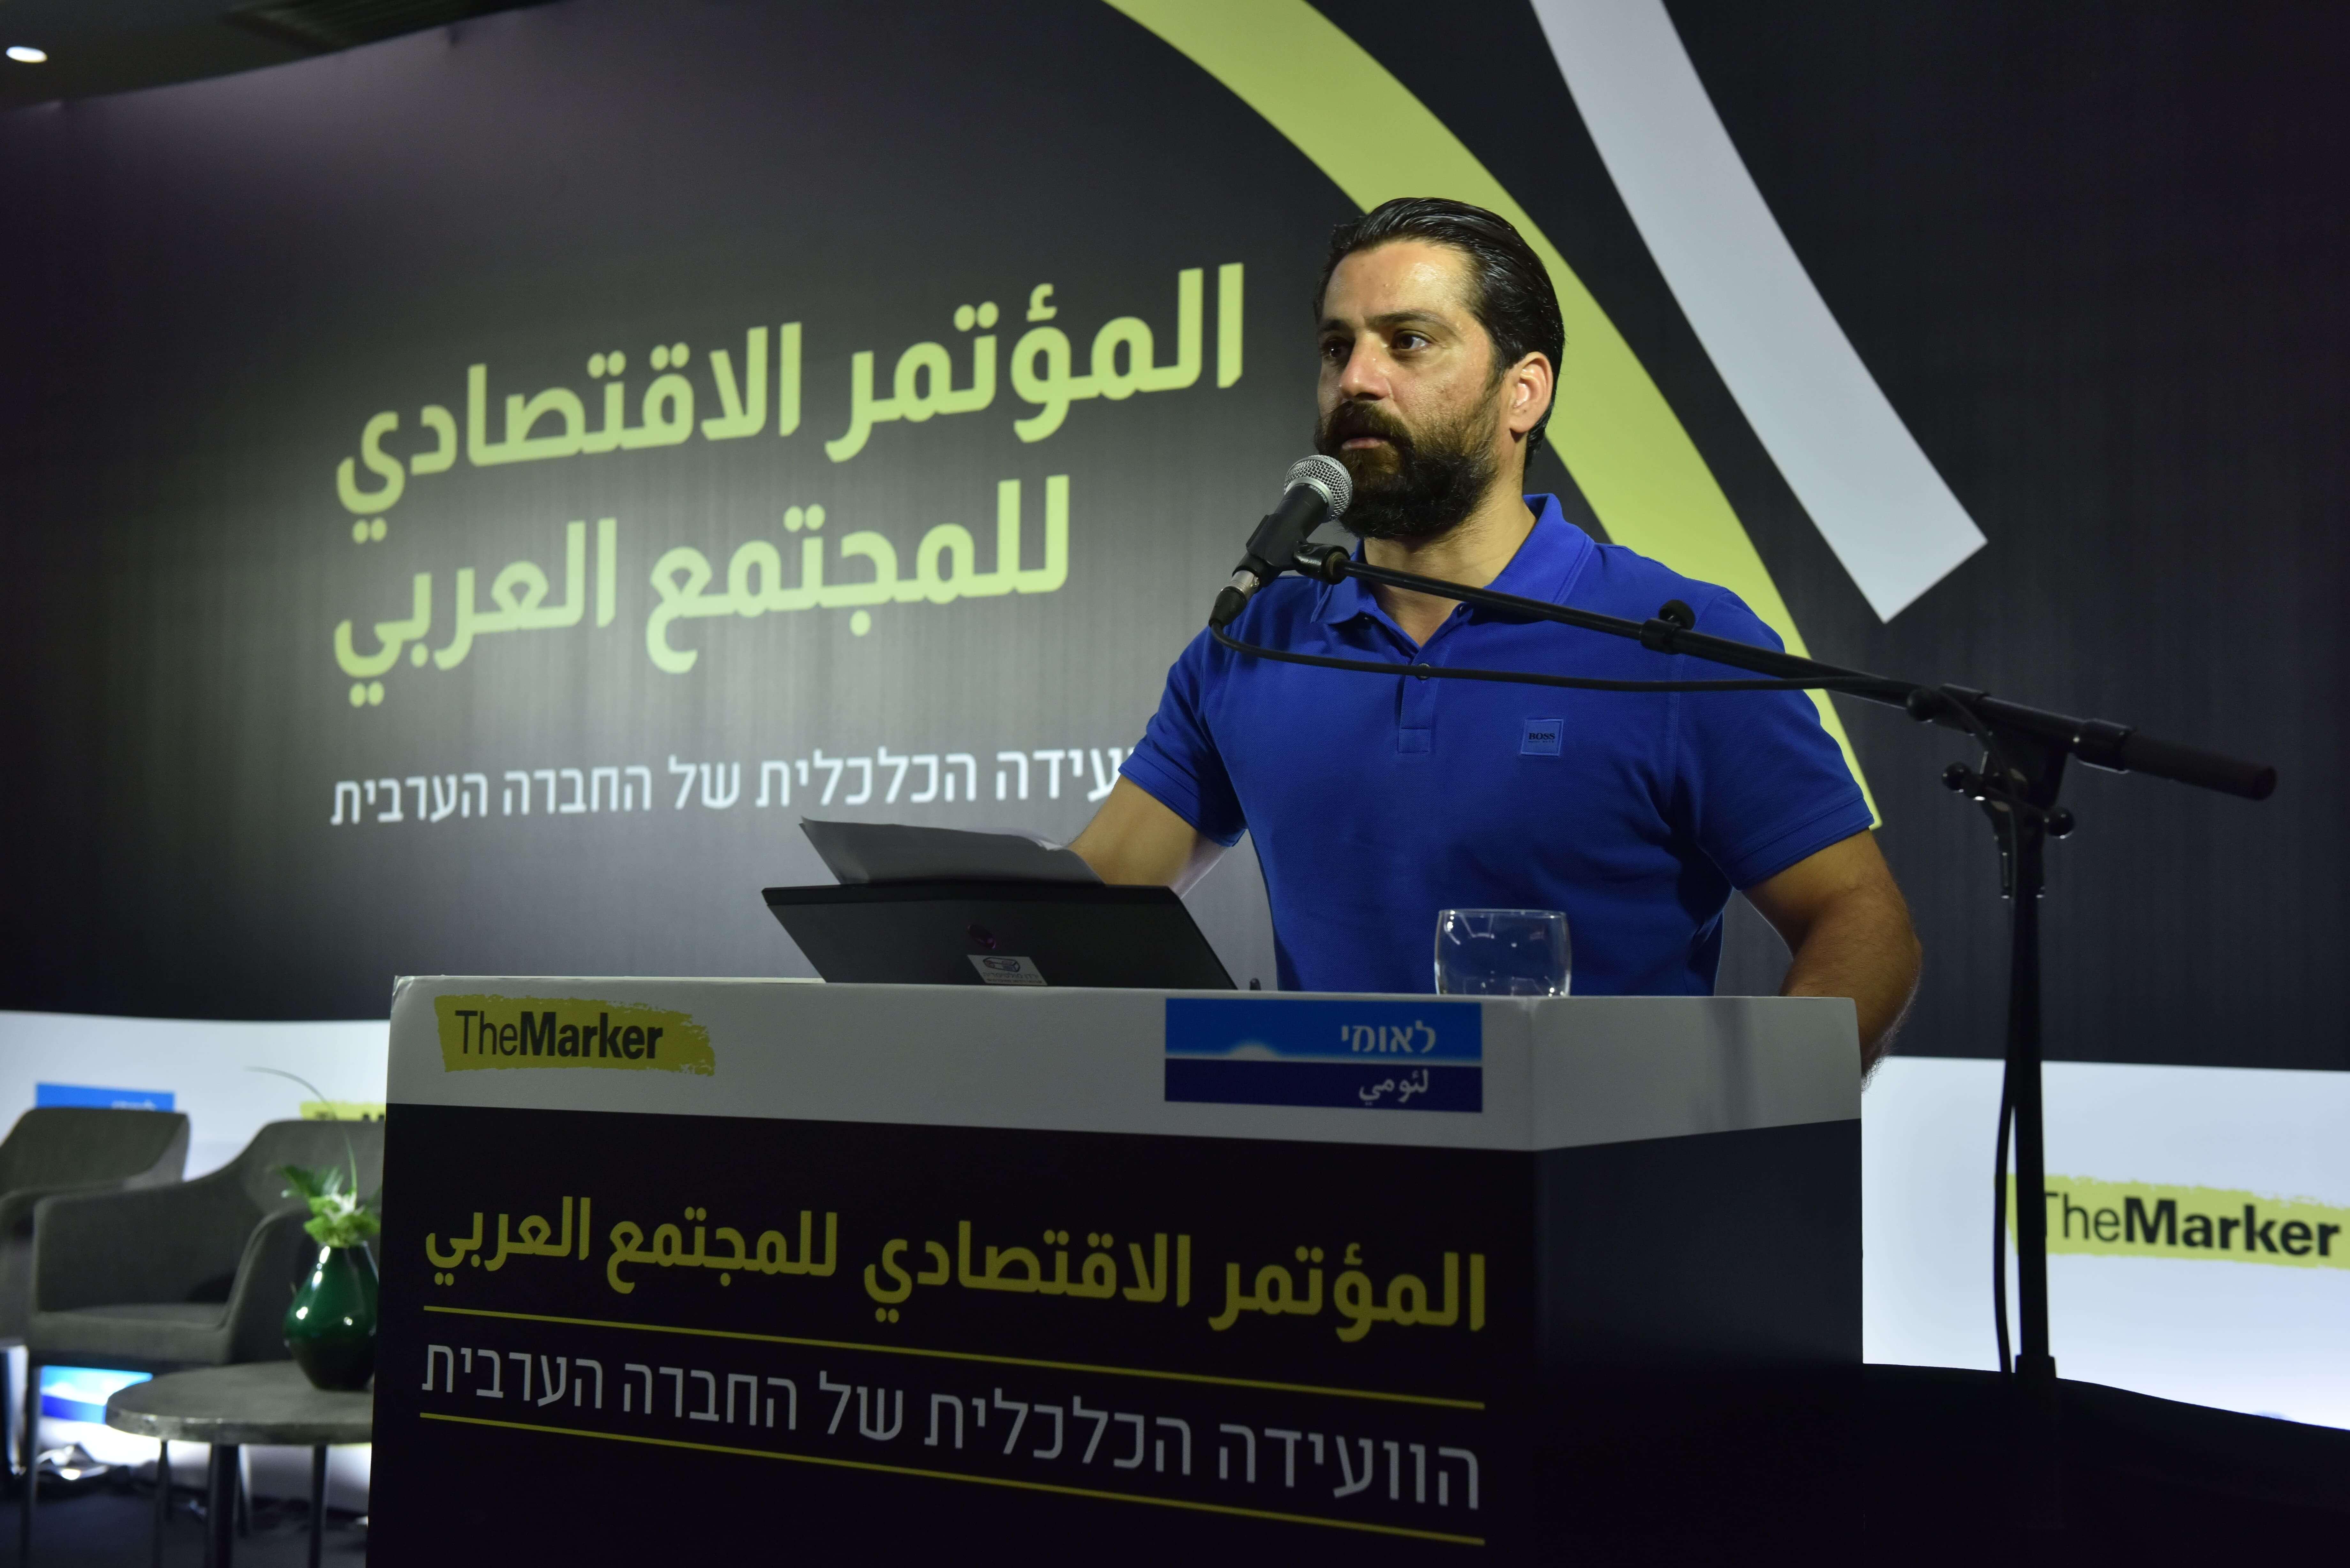 """نجاح كبير لـ """"المؤتمر الاقتصادي للمجتمع العربي """" لـ The Marker وبنك لئومي-7"""